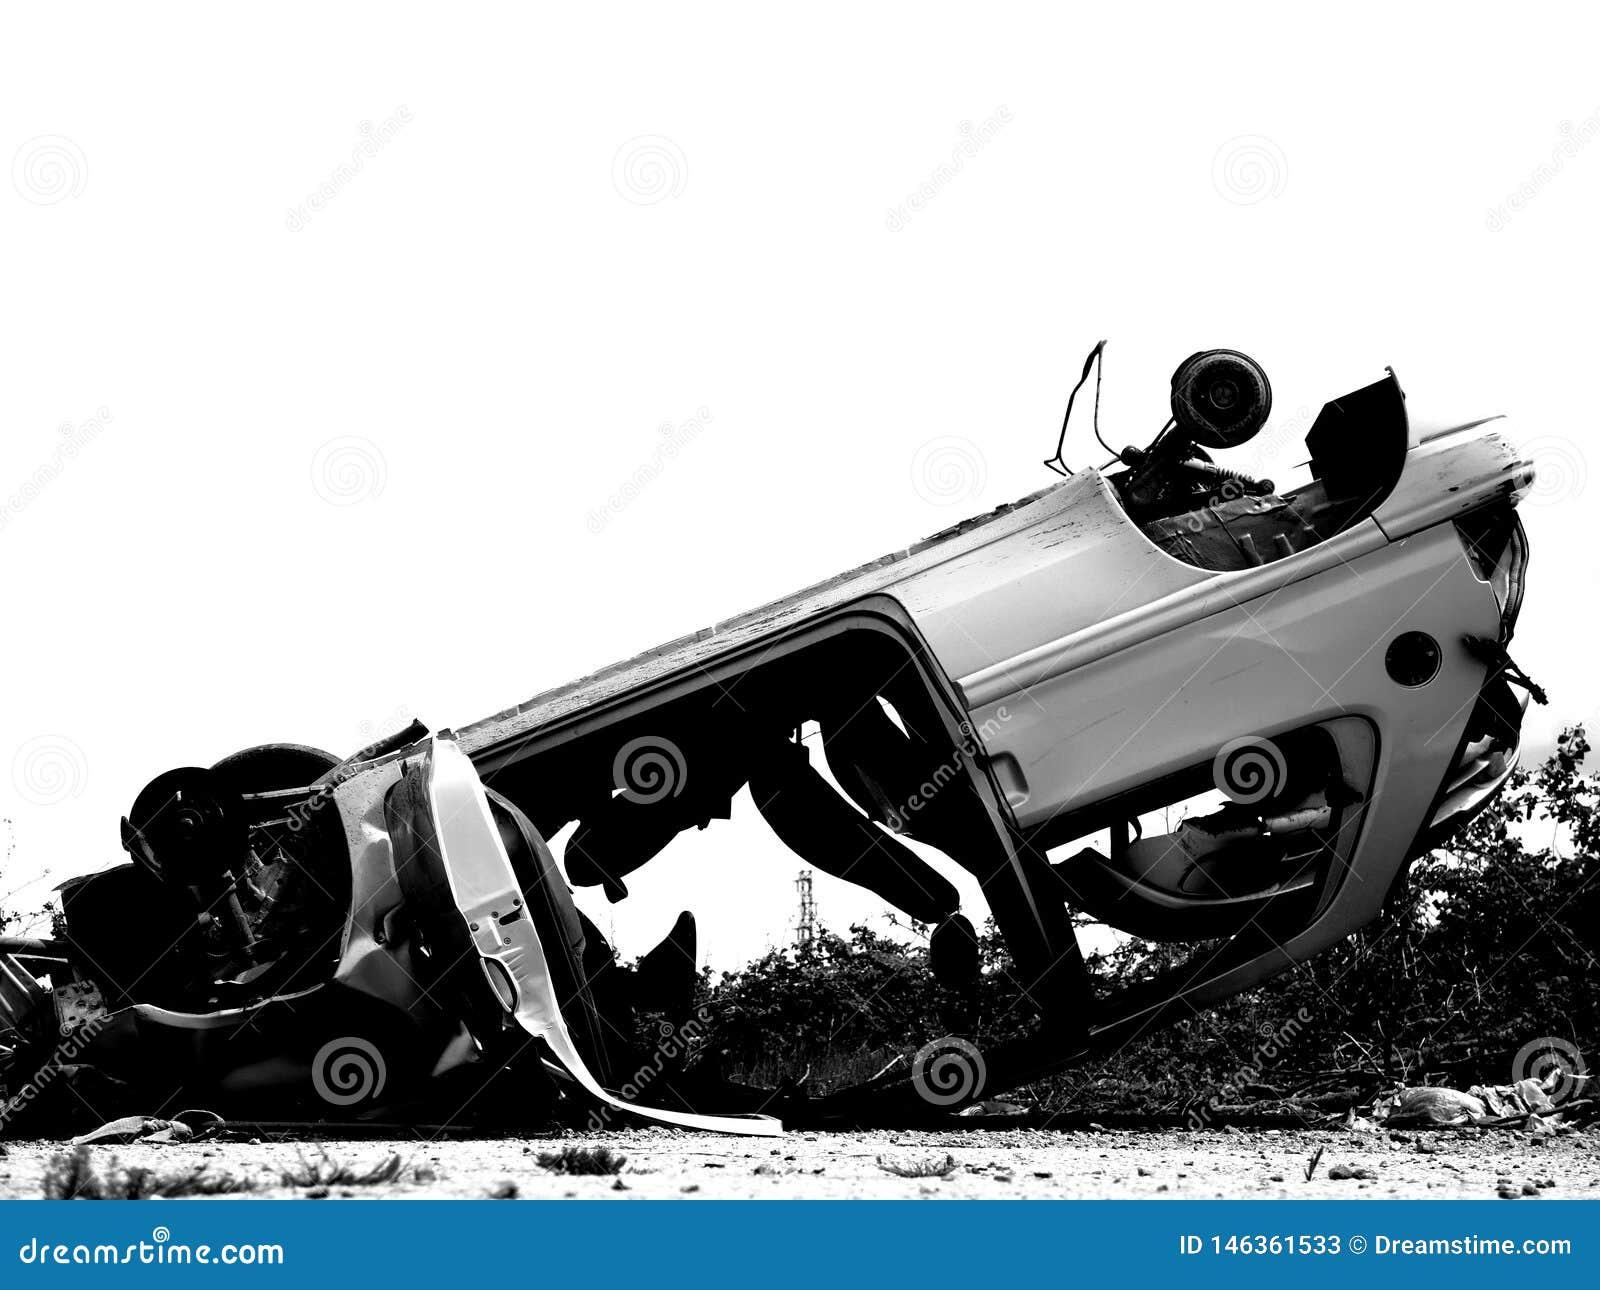 Incidente stradale in bianco e nero